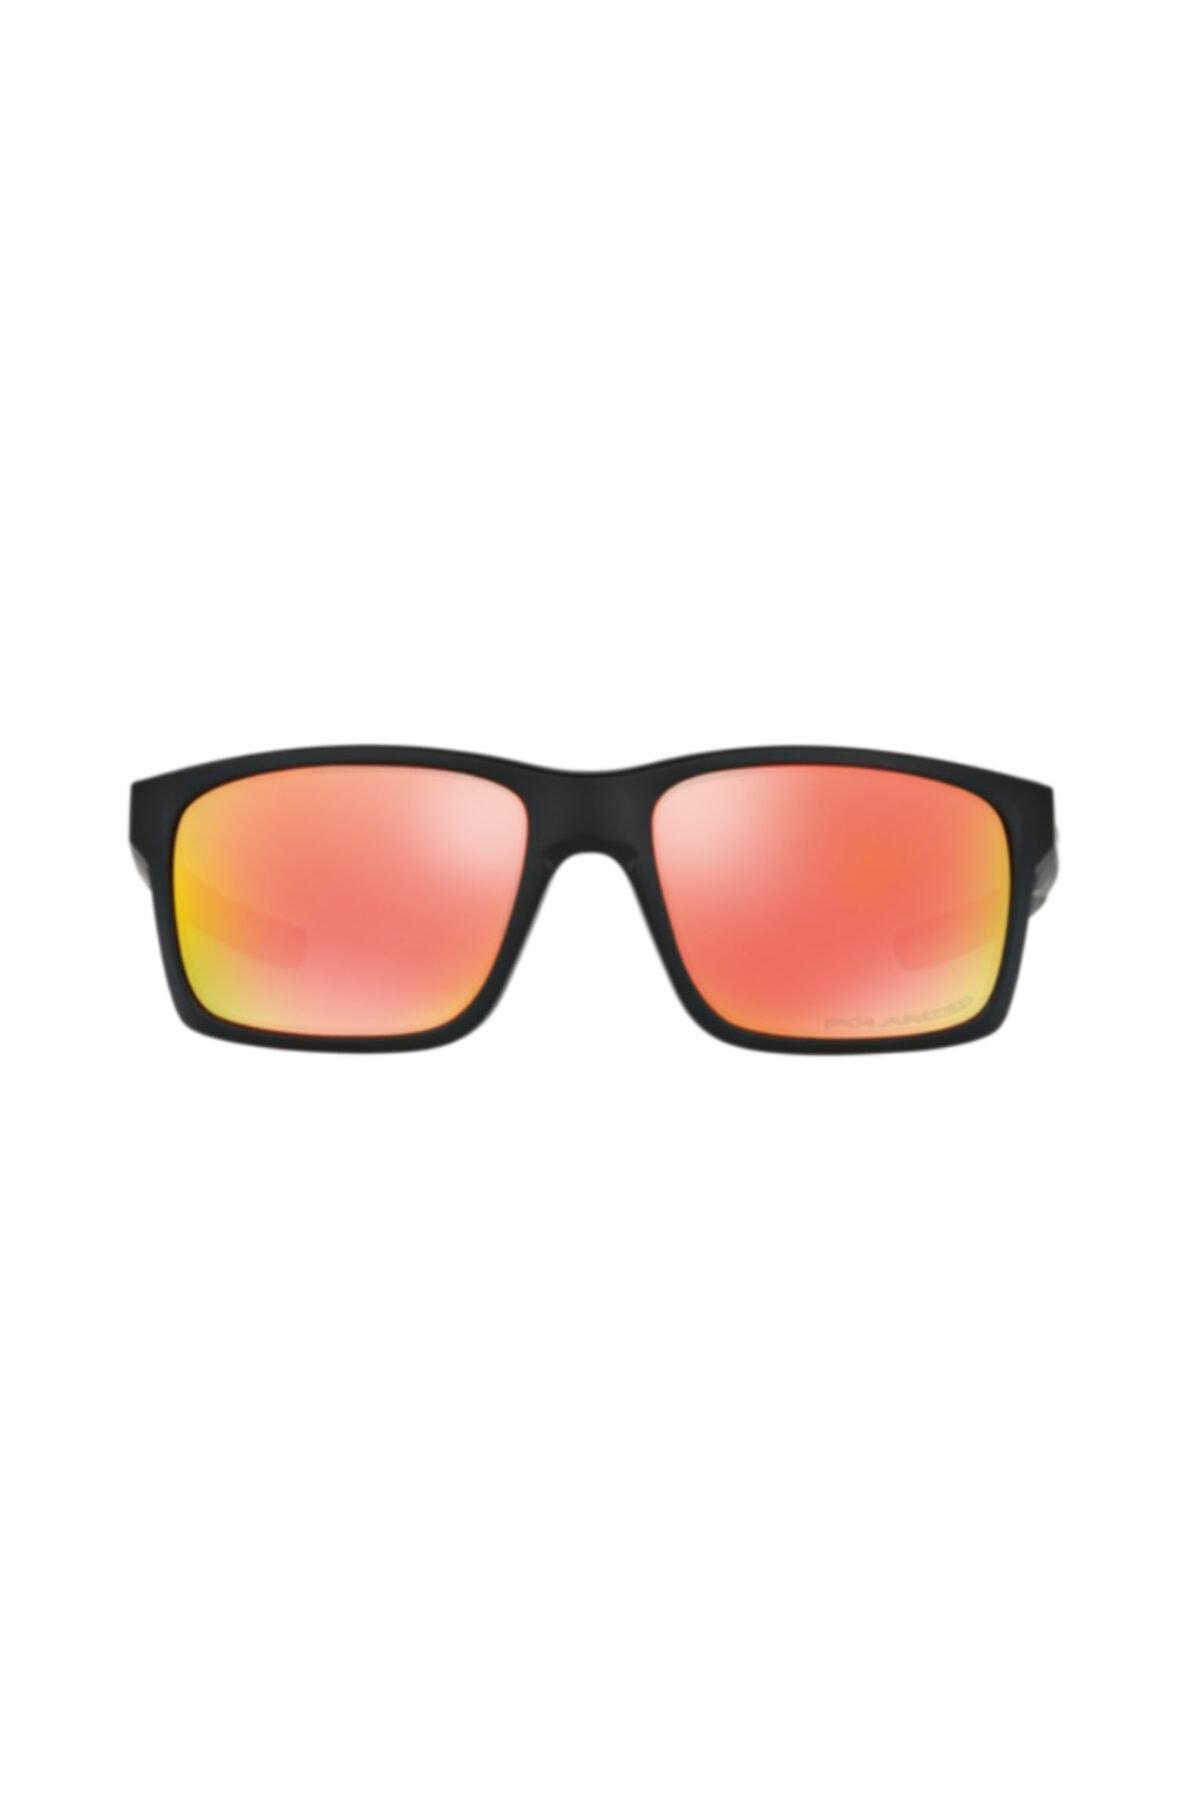 Oakley Maınlınk Ruby Irıd Polar Güneş Gözlüğü Oo9264 07 2